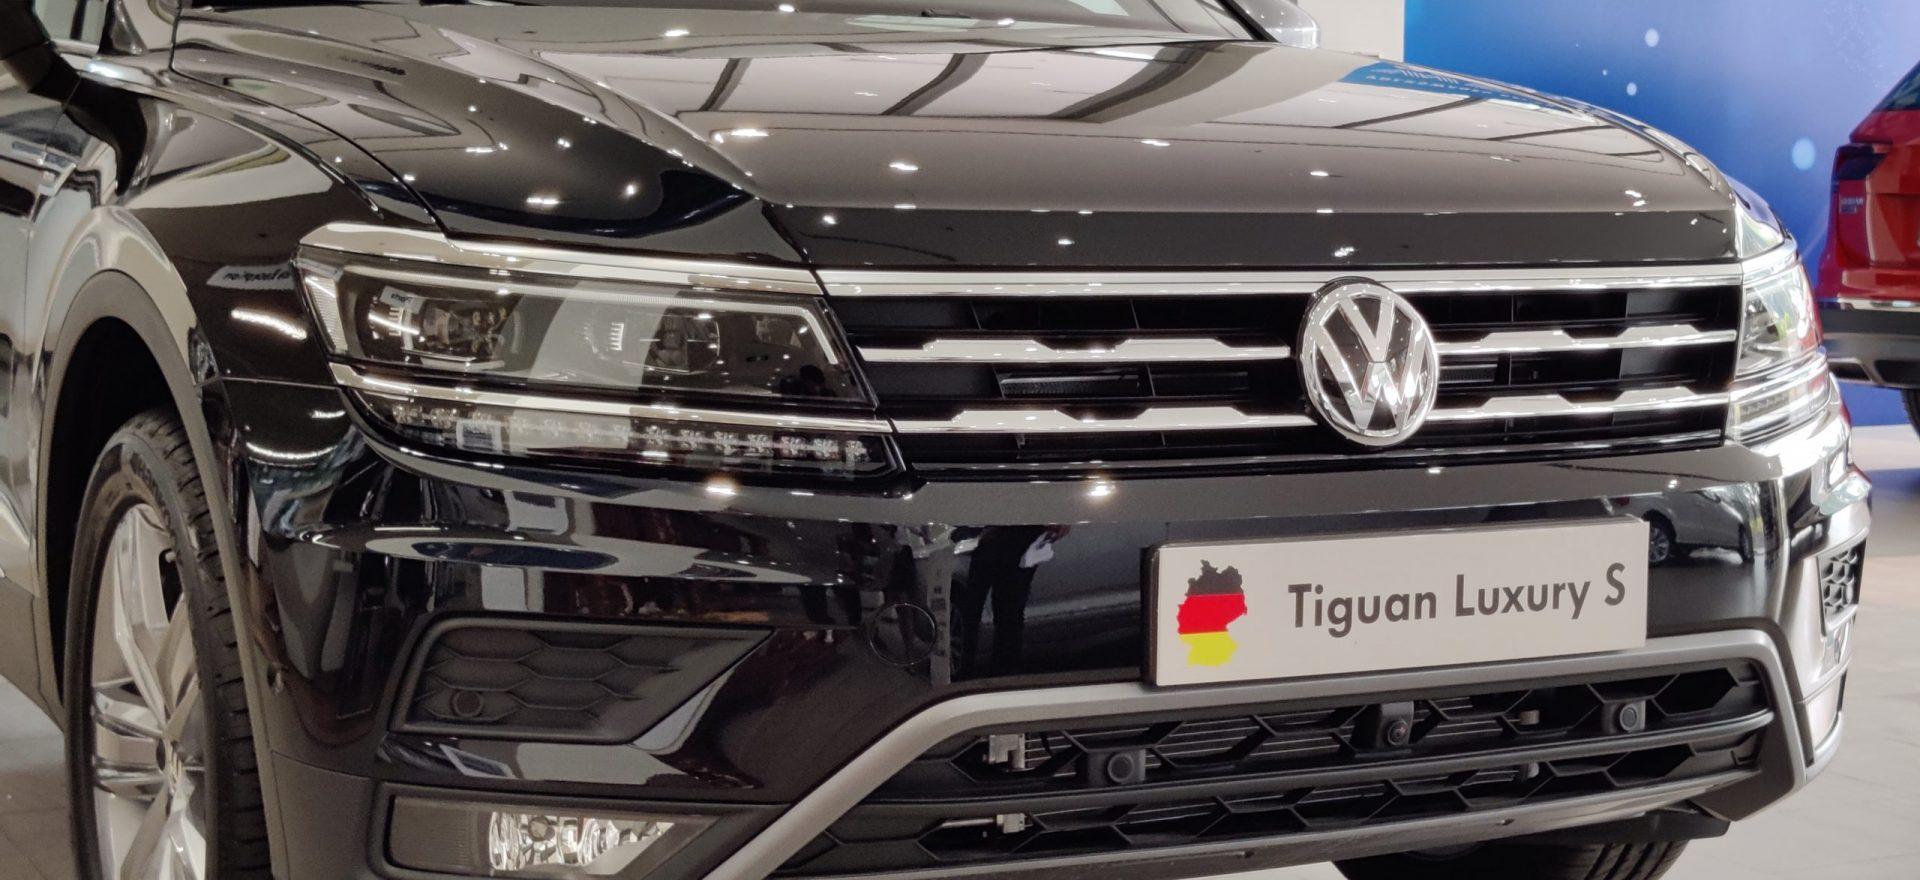 bang-gia-xe-volkswagen-moi-nhat-tai-viet-nam-thanh-3-2021